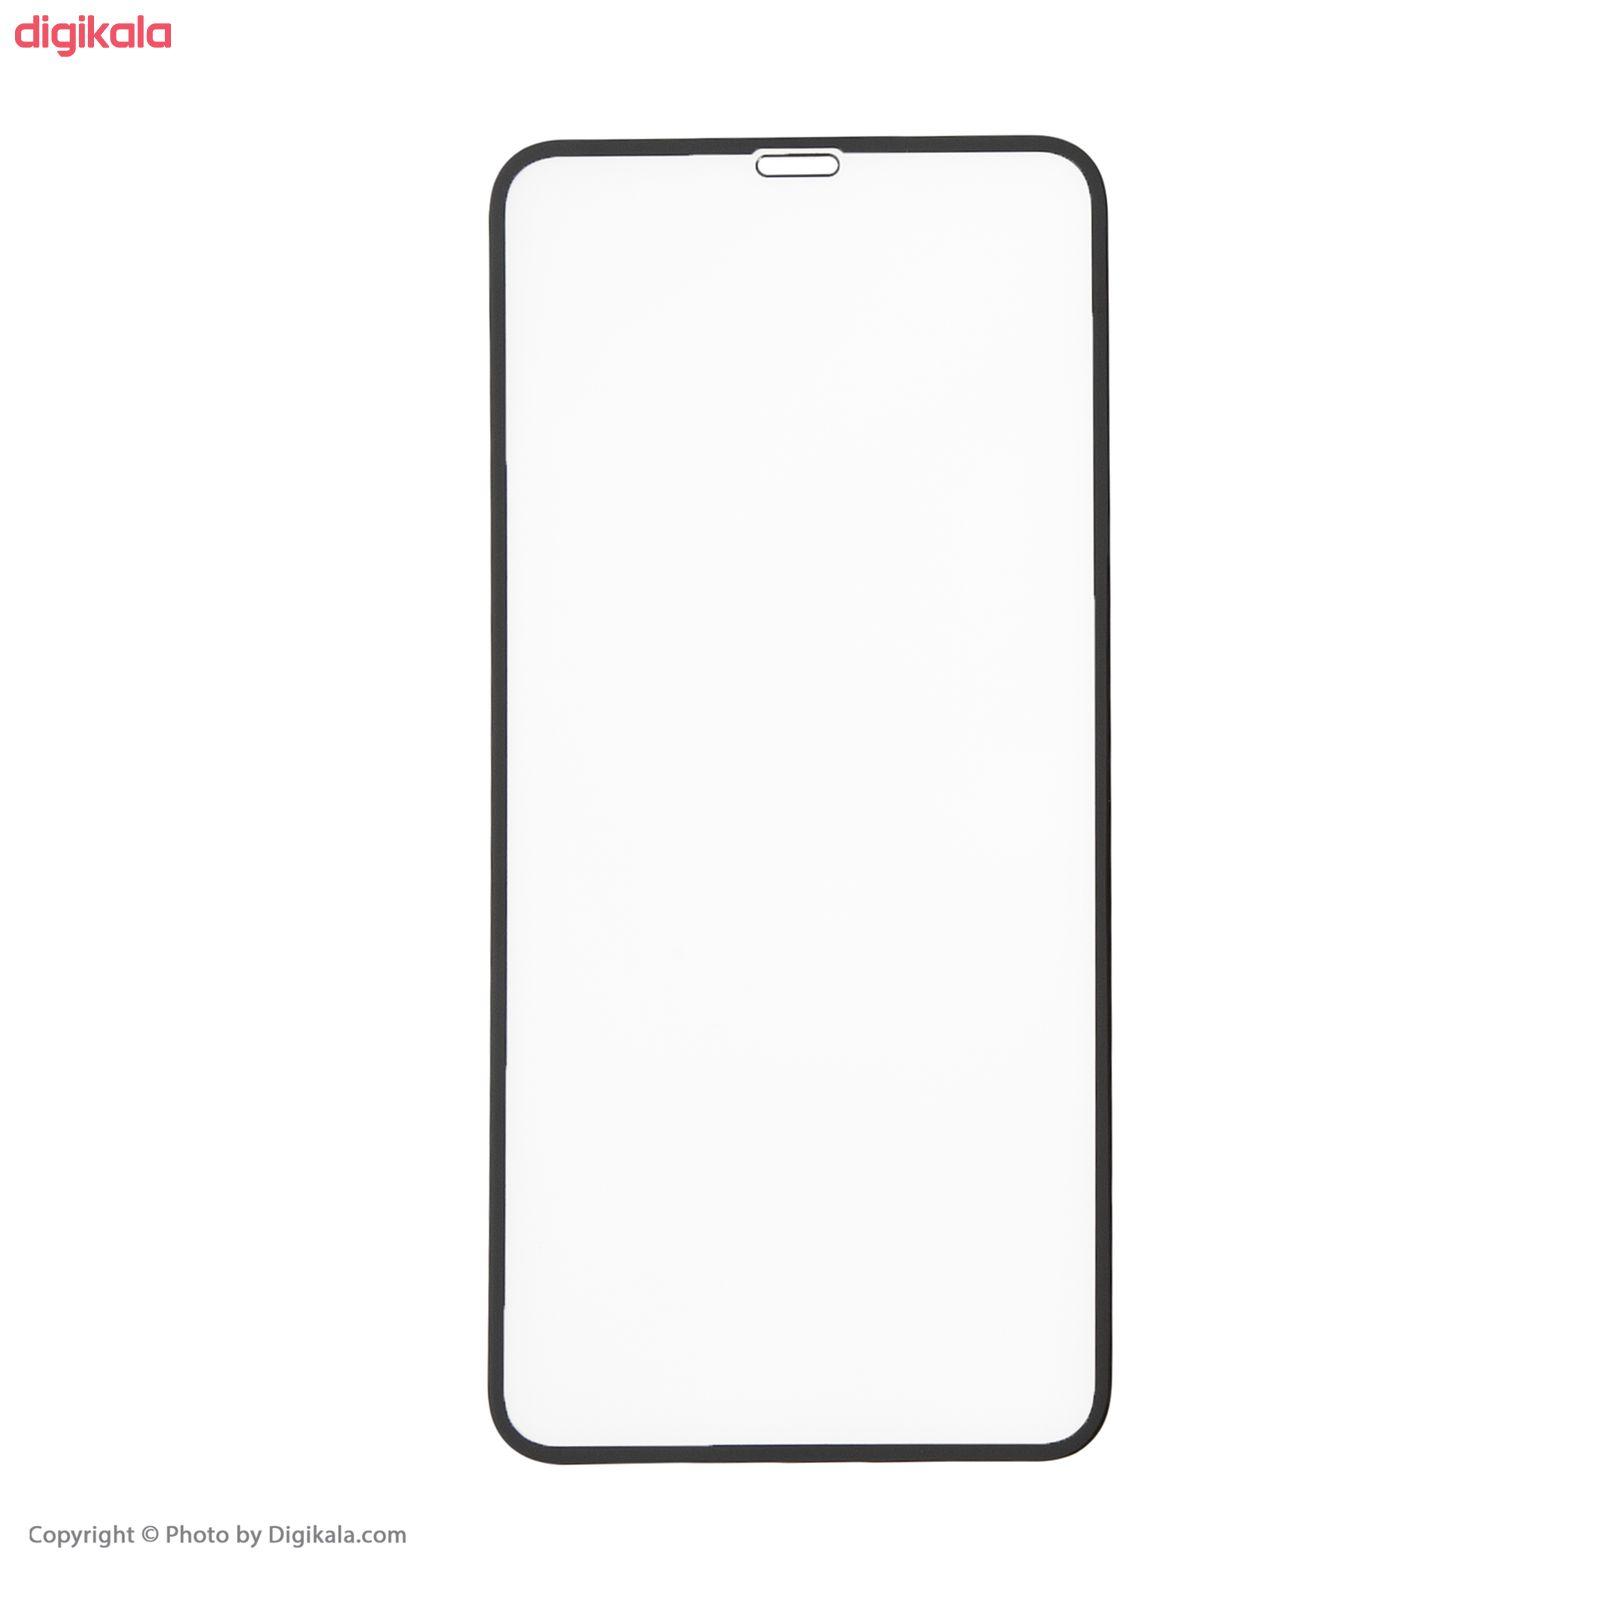 محافظ صفحه نمایش مدل  SP-01 مناسب گوشی موبایل اپل iPhone 11 Pro Max main 1 1